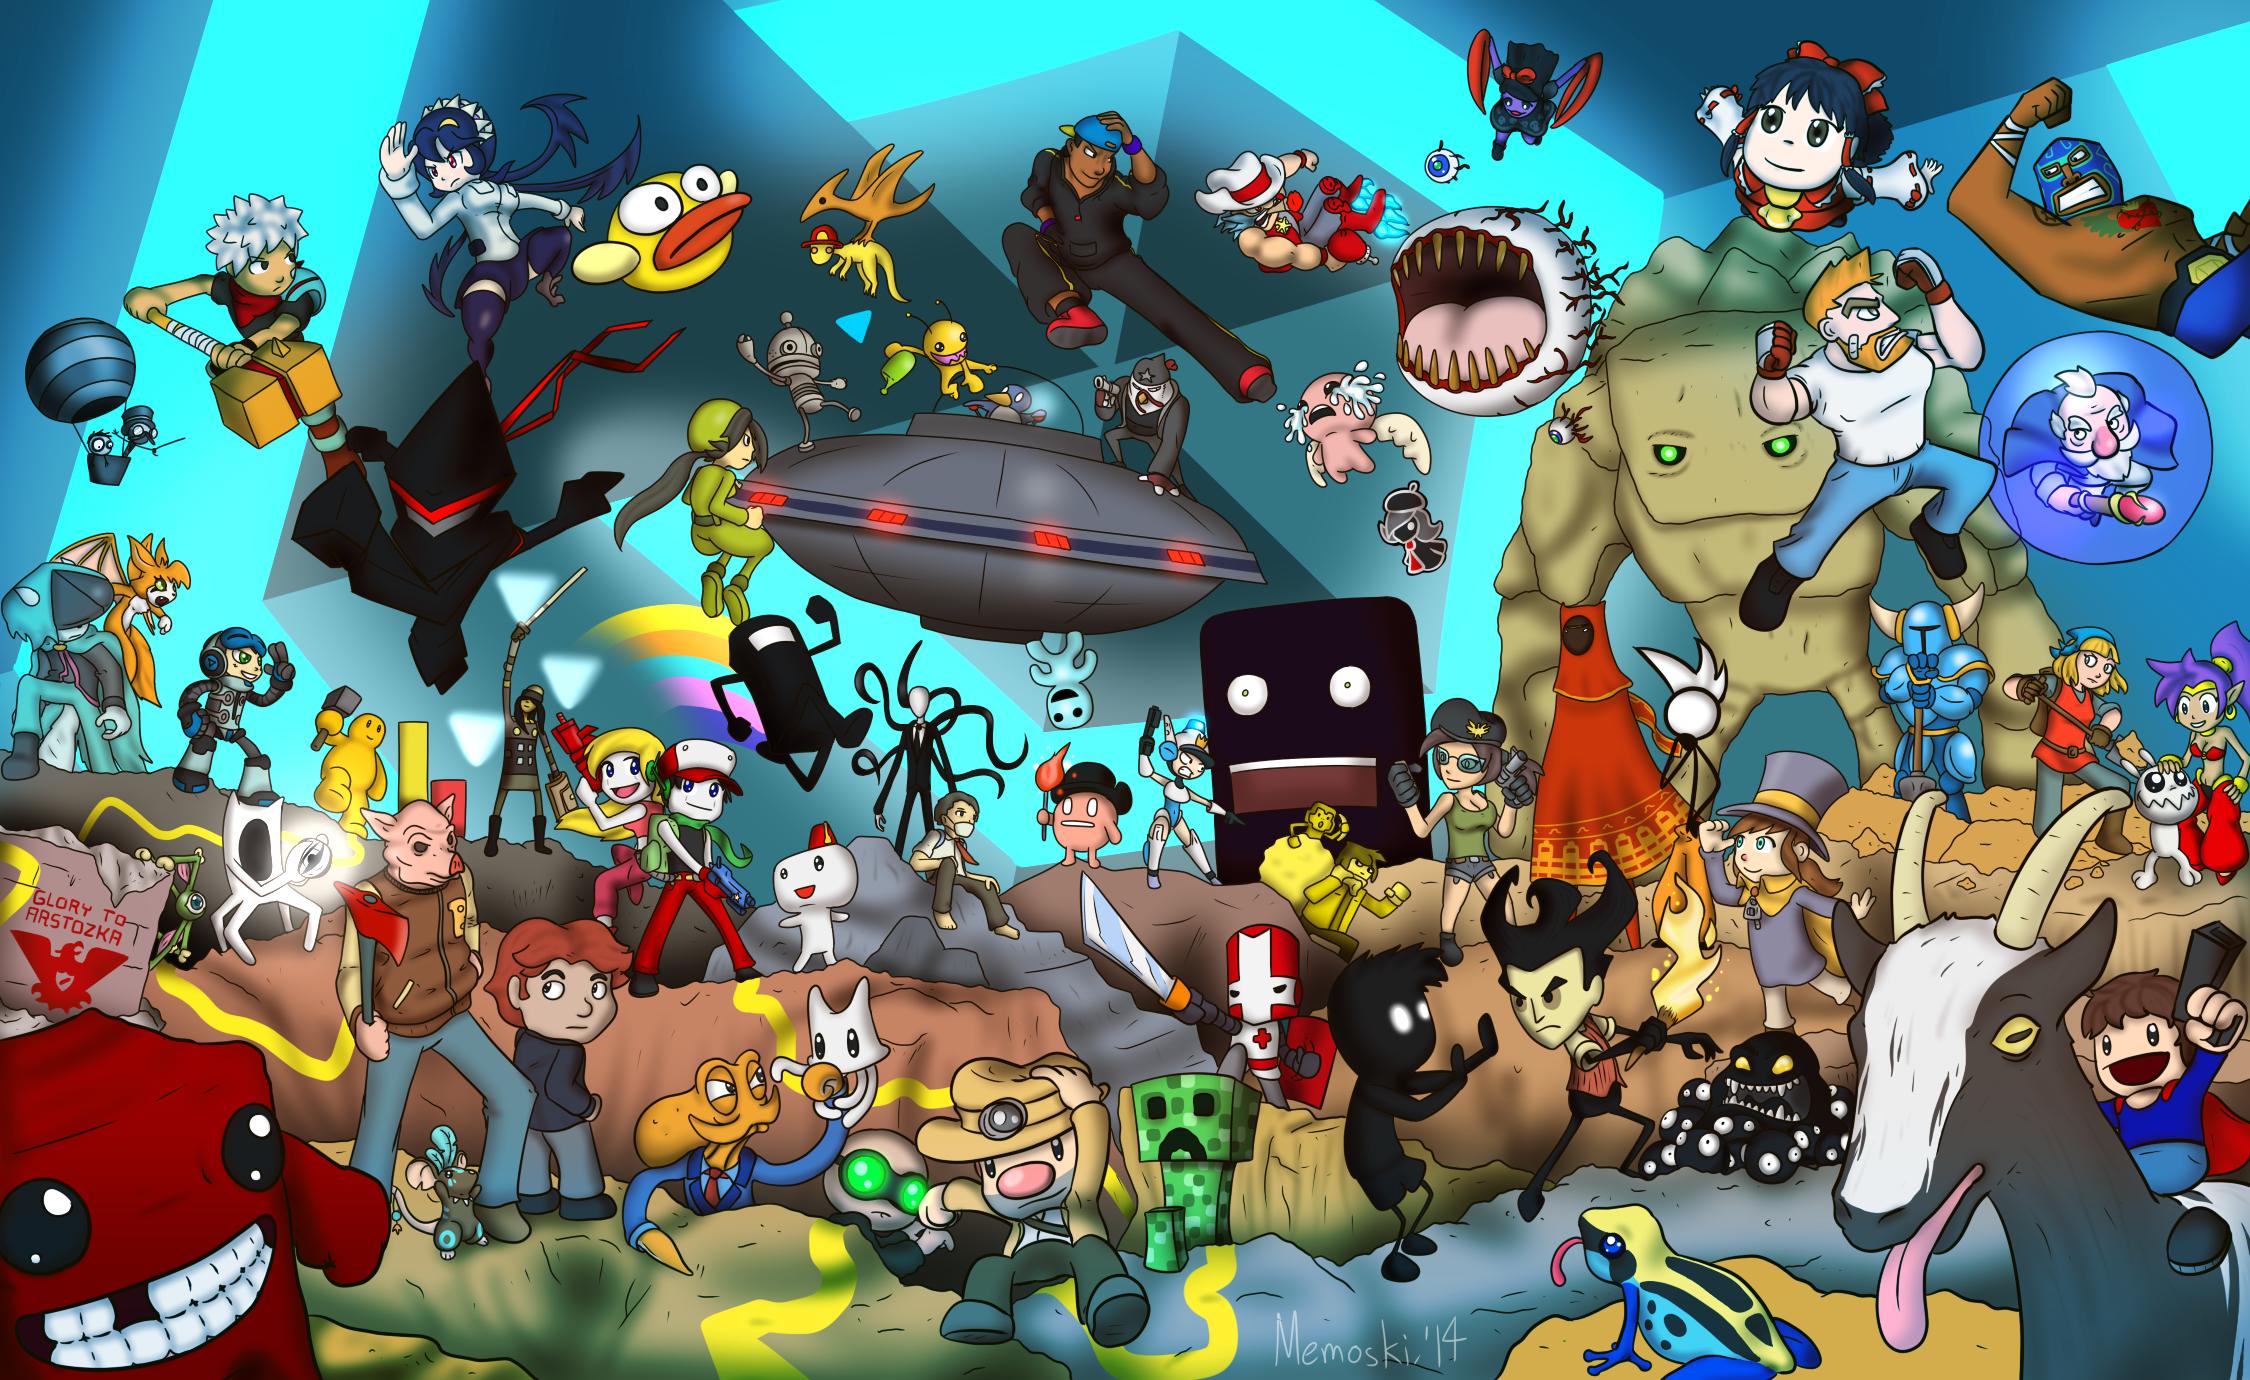 много персонажей на одной картинке из игры английские